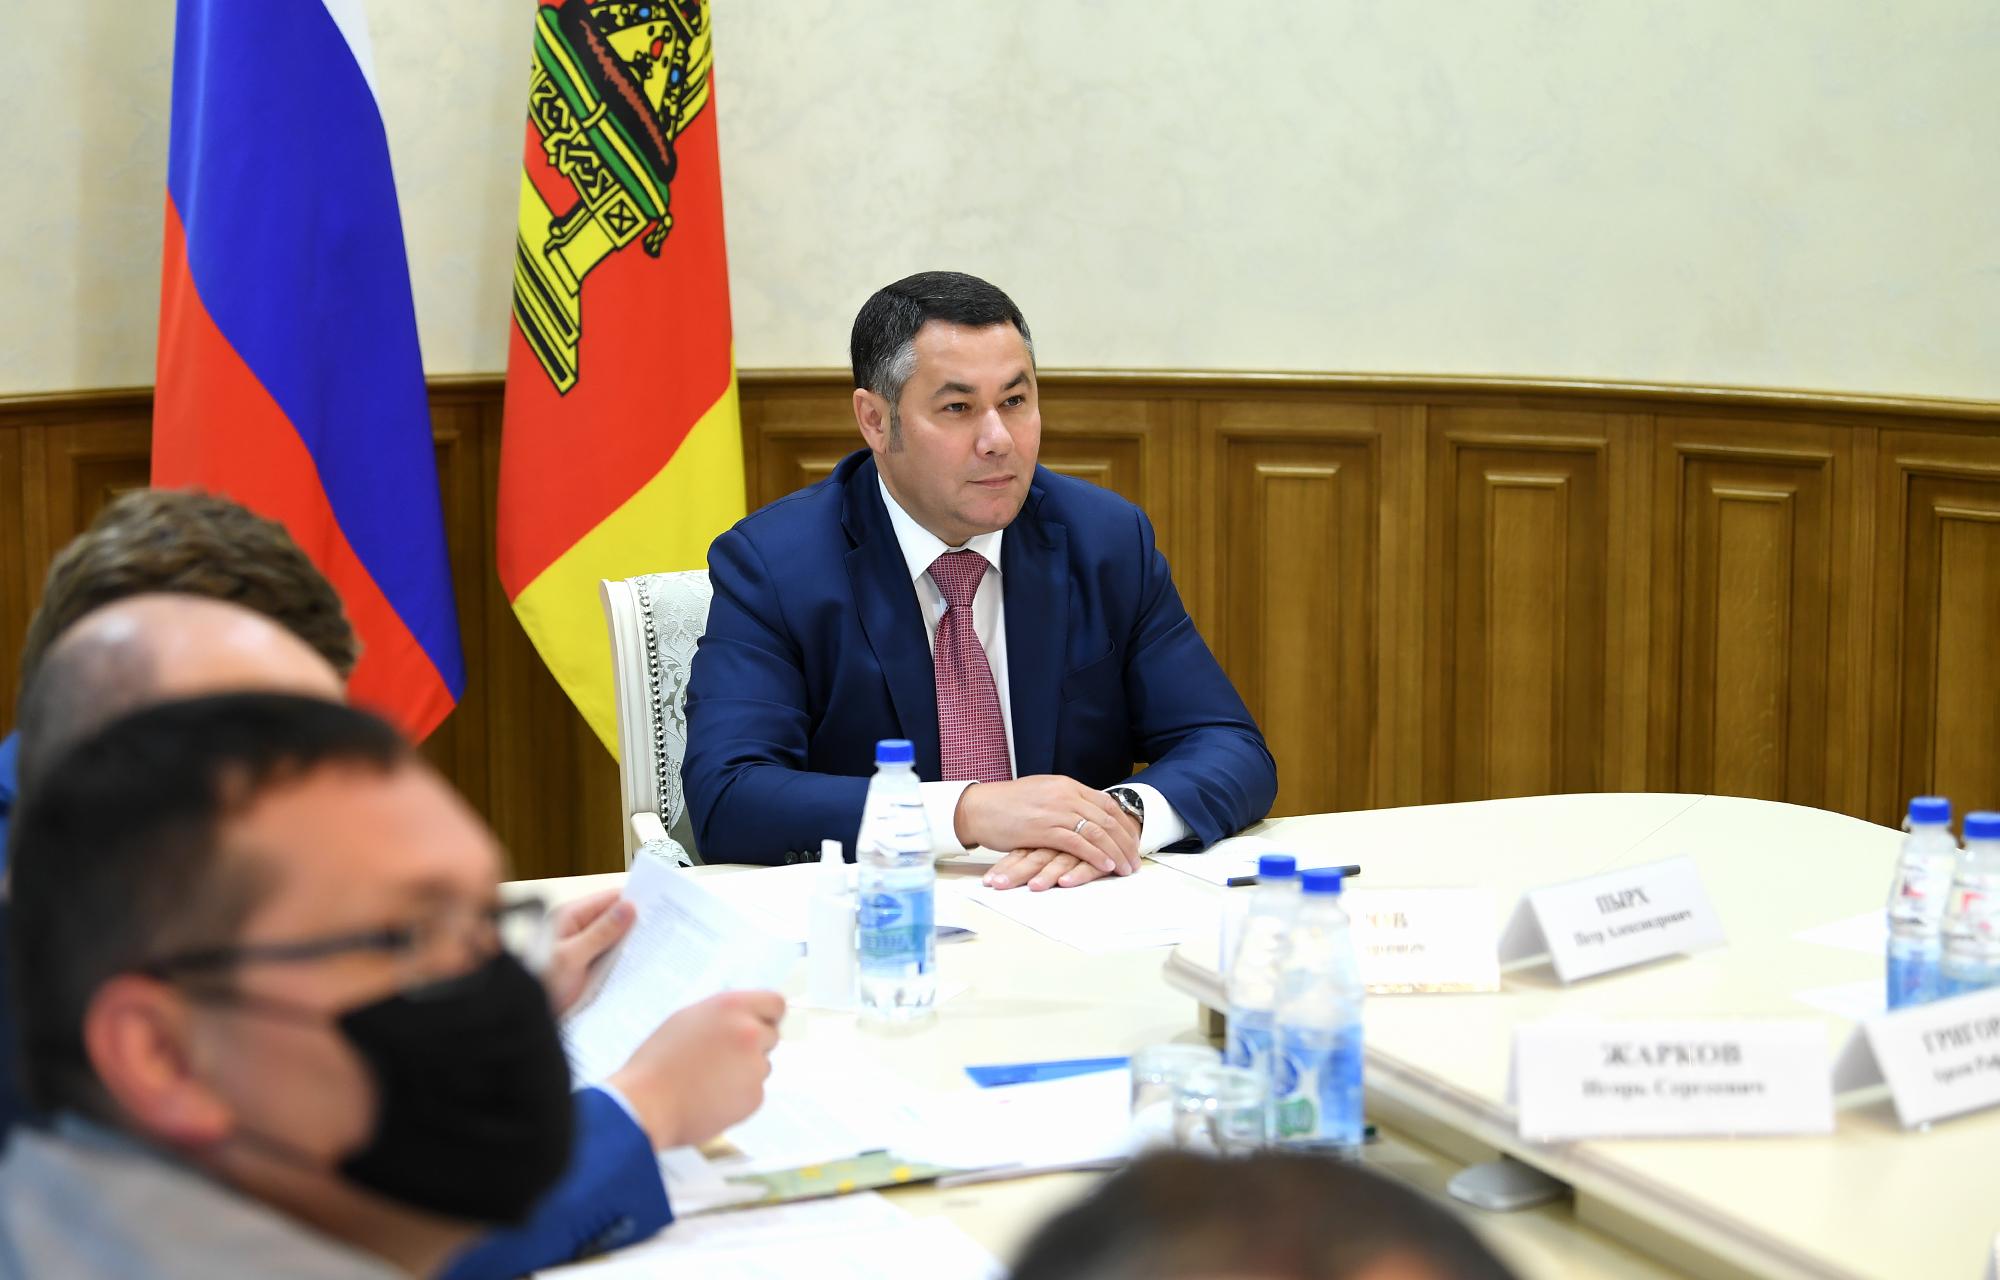 Генеральные планы пяти сельских поселений рассмотрели в правительстве Тверской области